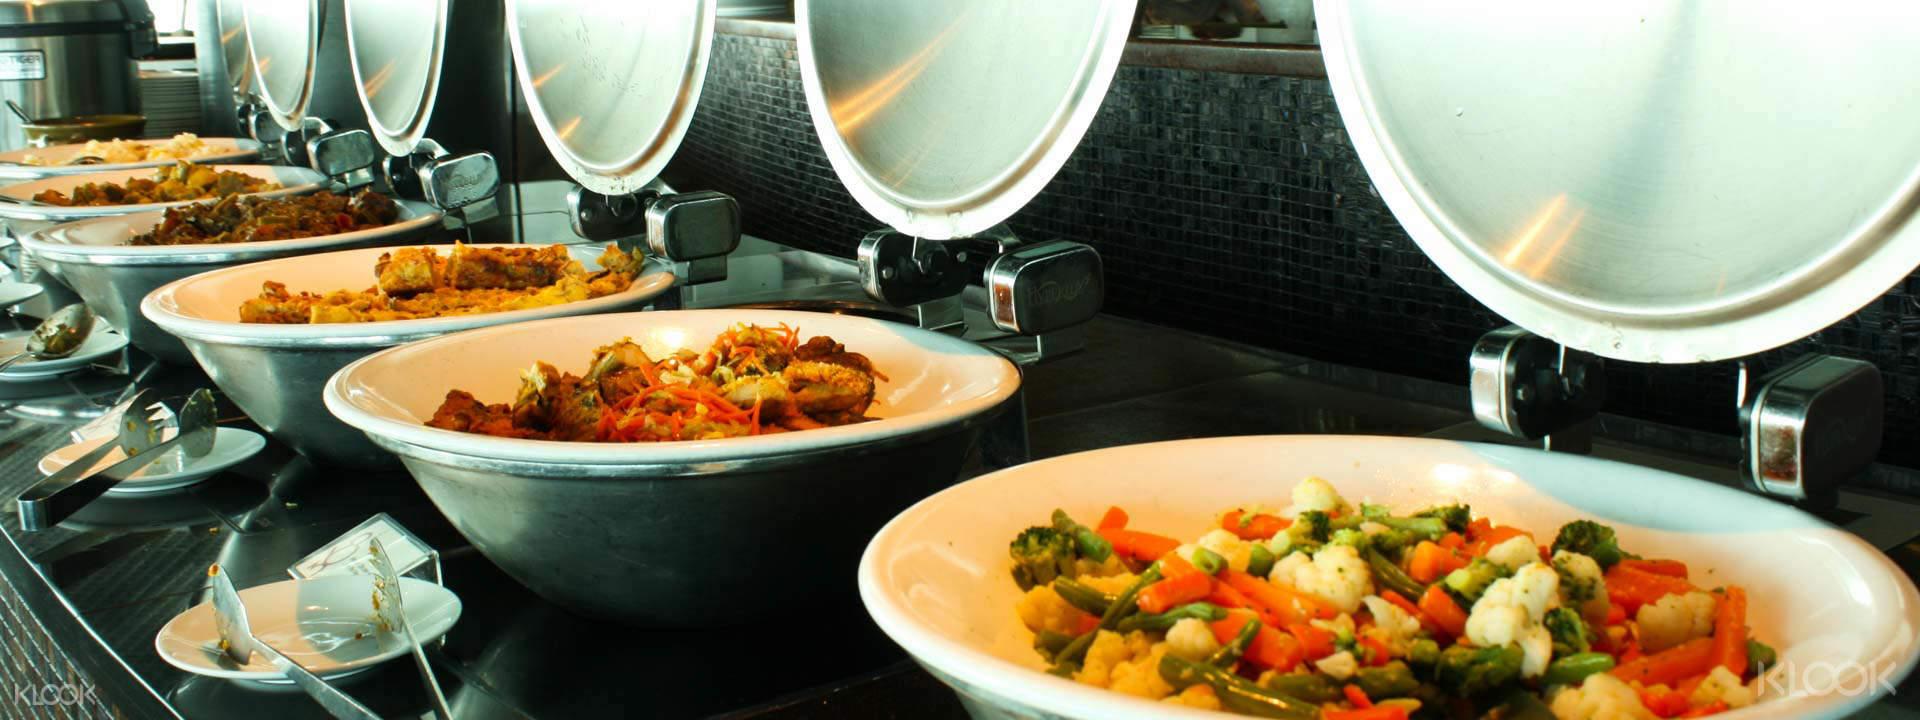 Tower Indian Restaurant Buffet